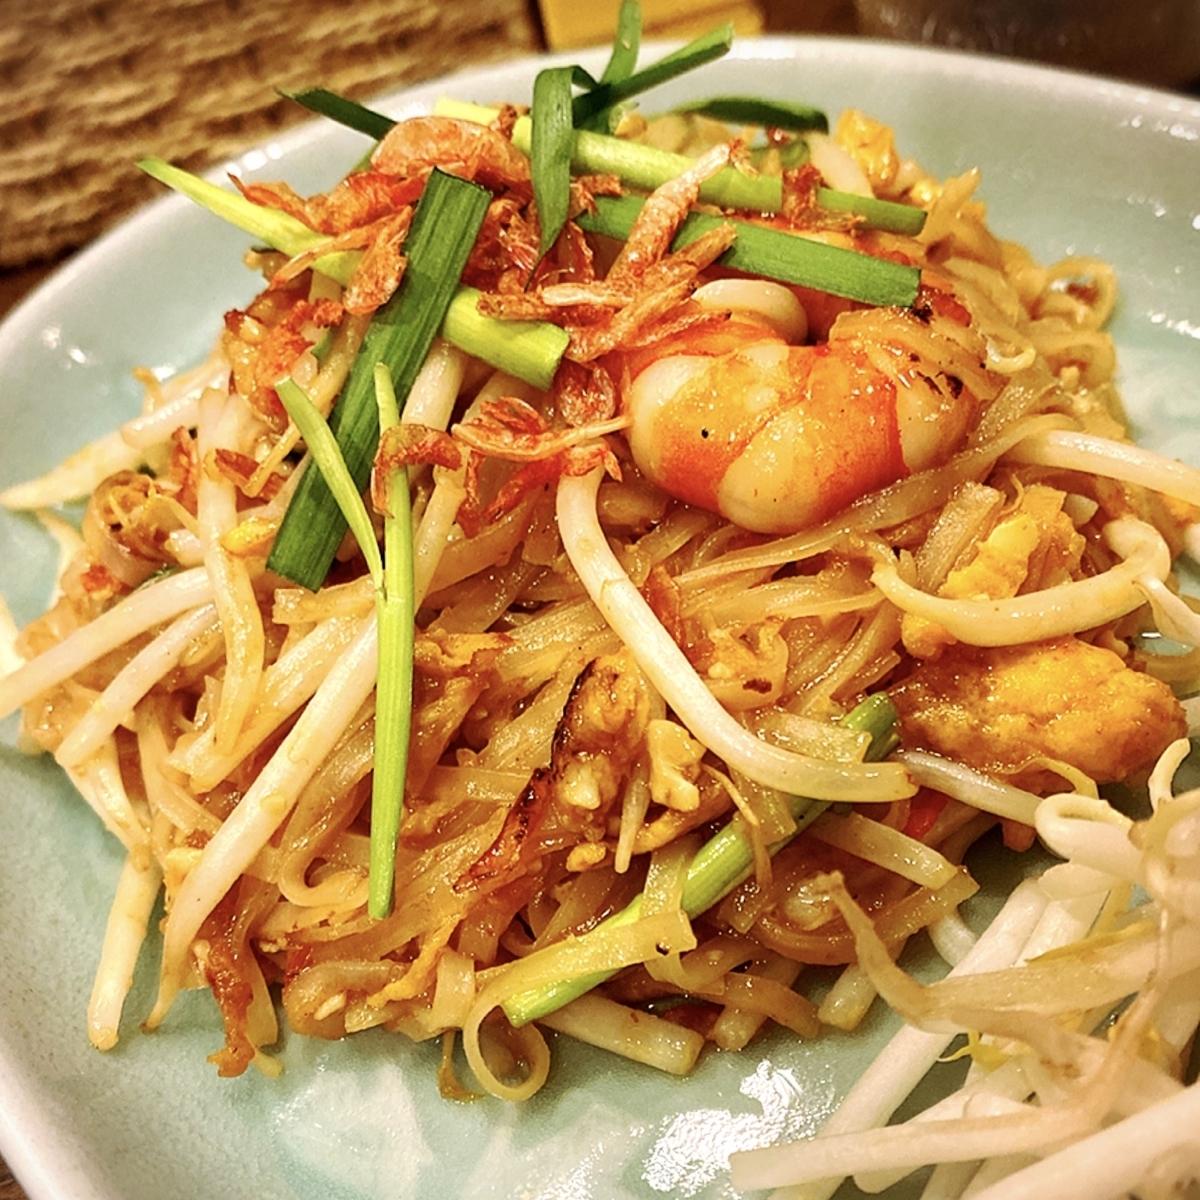 ランチはスープに春巻き付き!パッタイが美味い吉祥寺の人気タイ料理屋